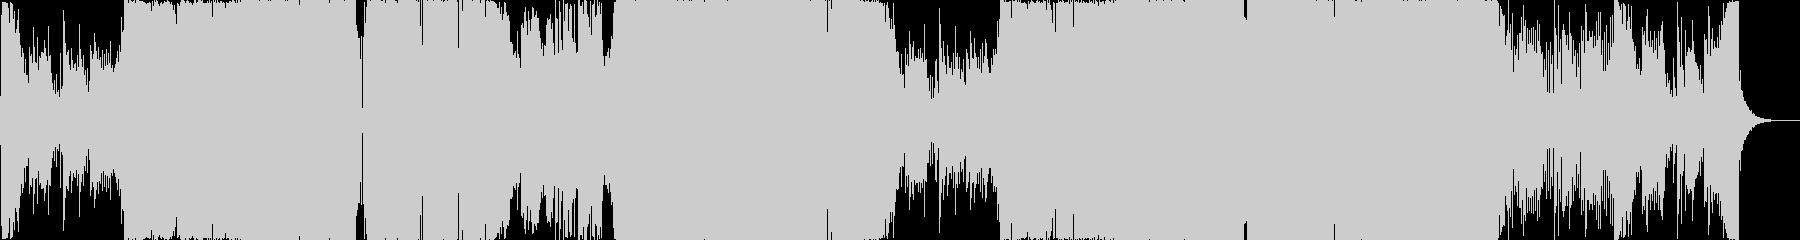 切ない kawaii Electricの未再生の波形